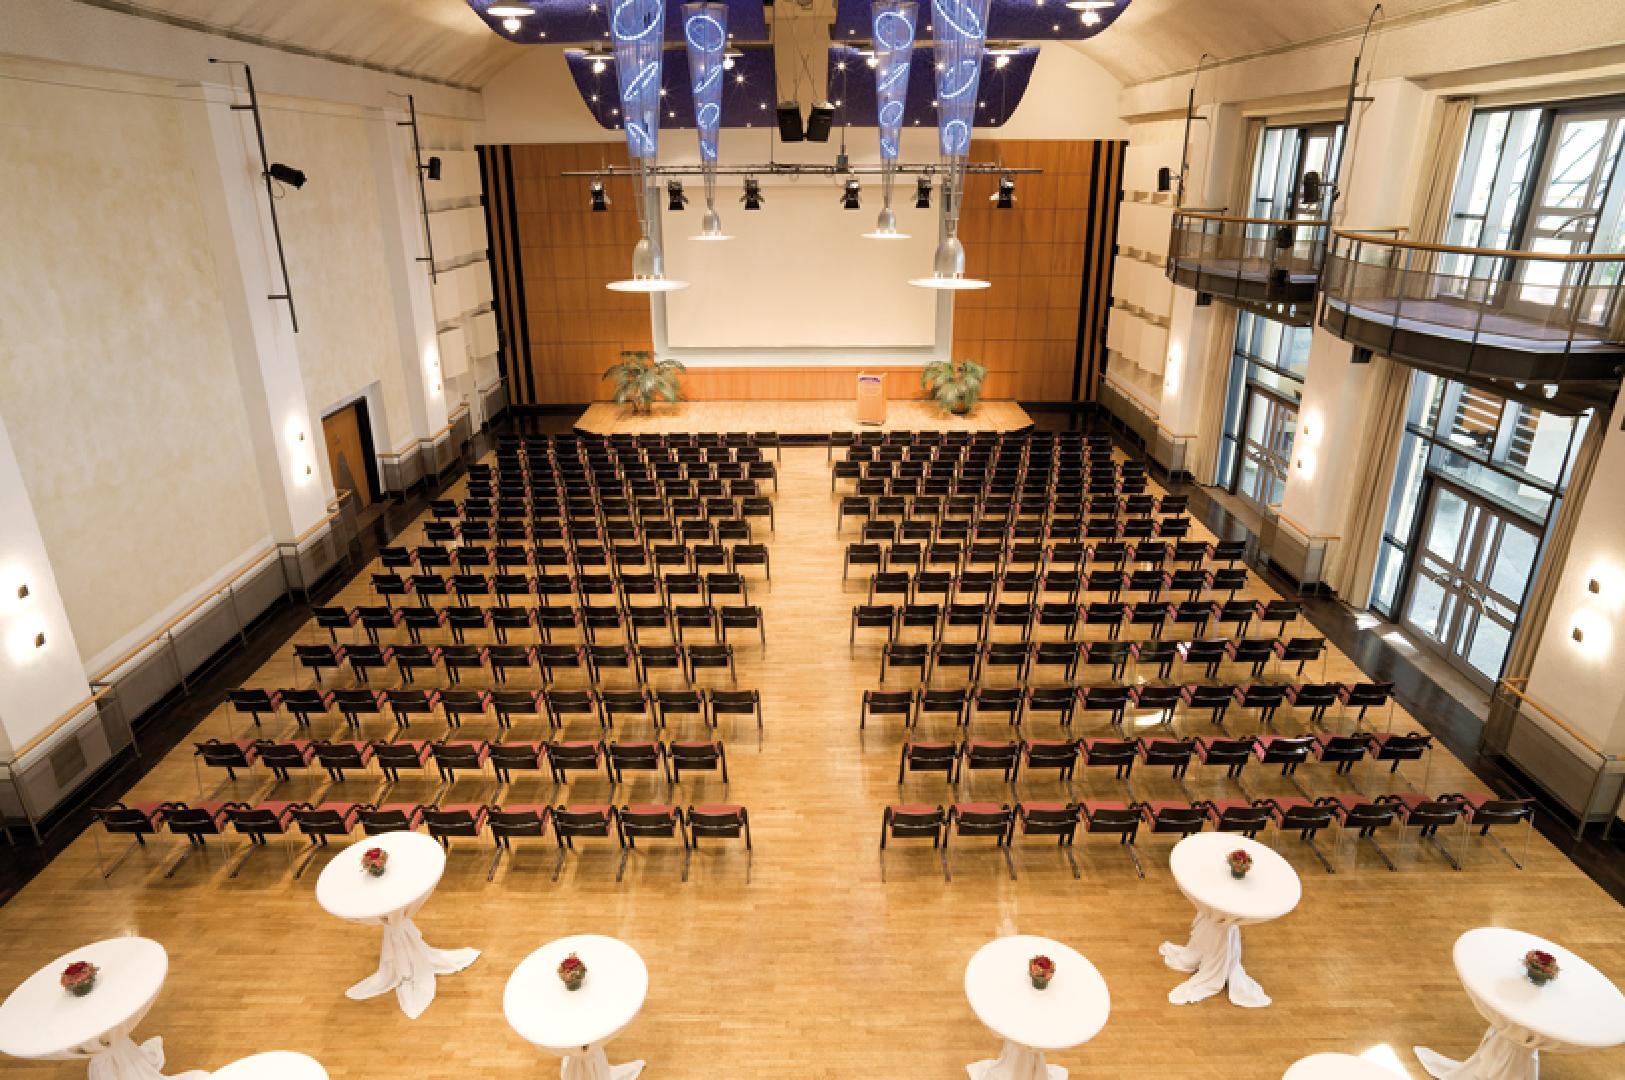 Bild 2 von Der große Sall, der Europa Saal und der Celler Saal in der Congress Union Celle